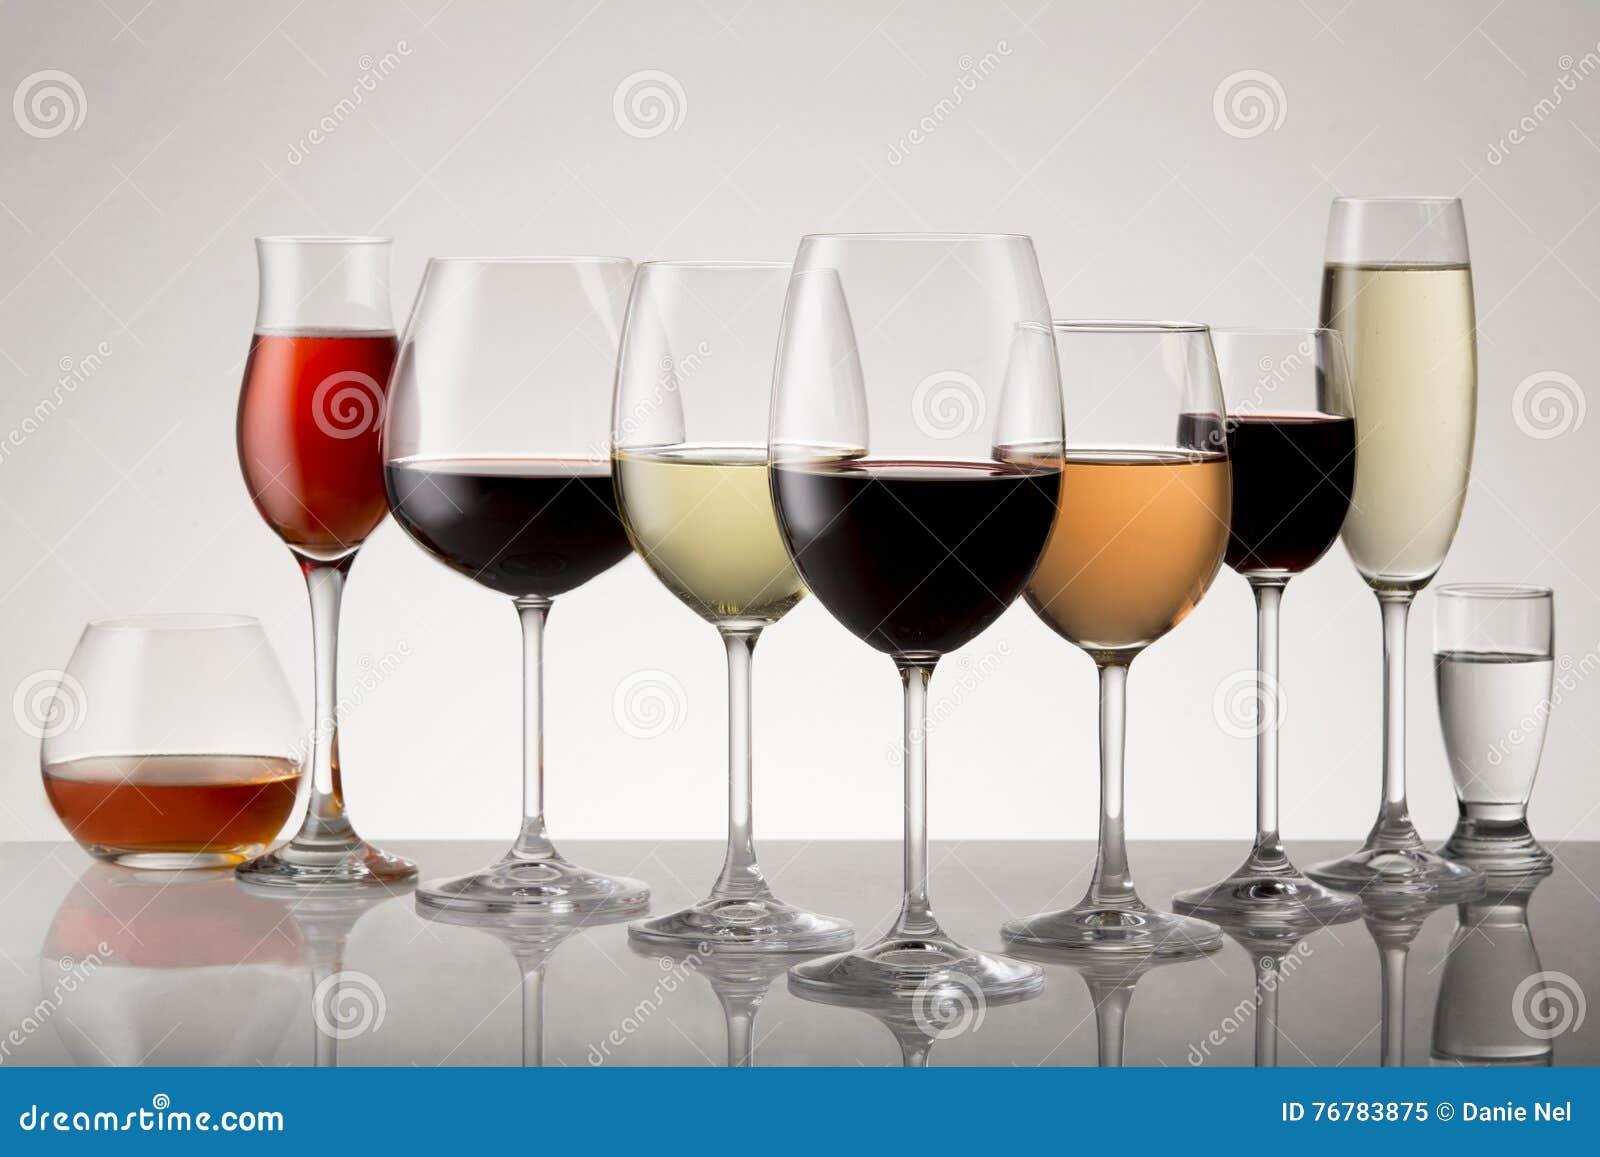 Variété de boissons alcoolisées